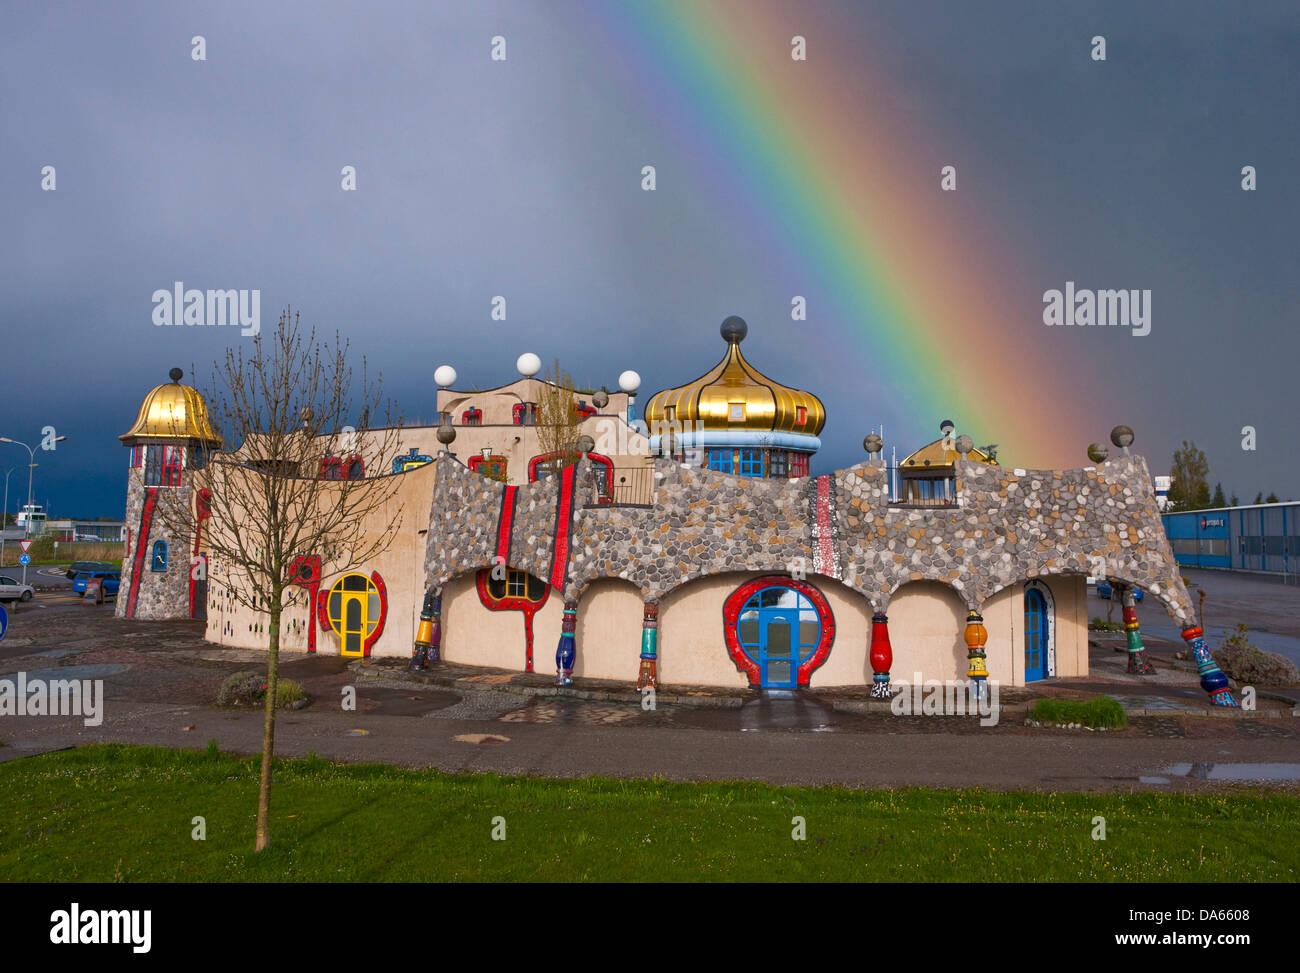 Hundertwasser, marché couvert, l'architecture, de la culture, canton, SG, Saint-Gall, Suisse, Europe, Altenrhein Photo Stock